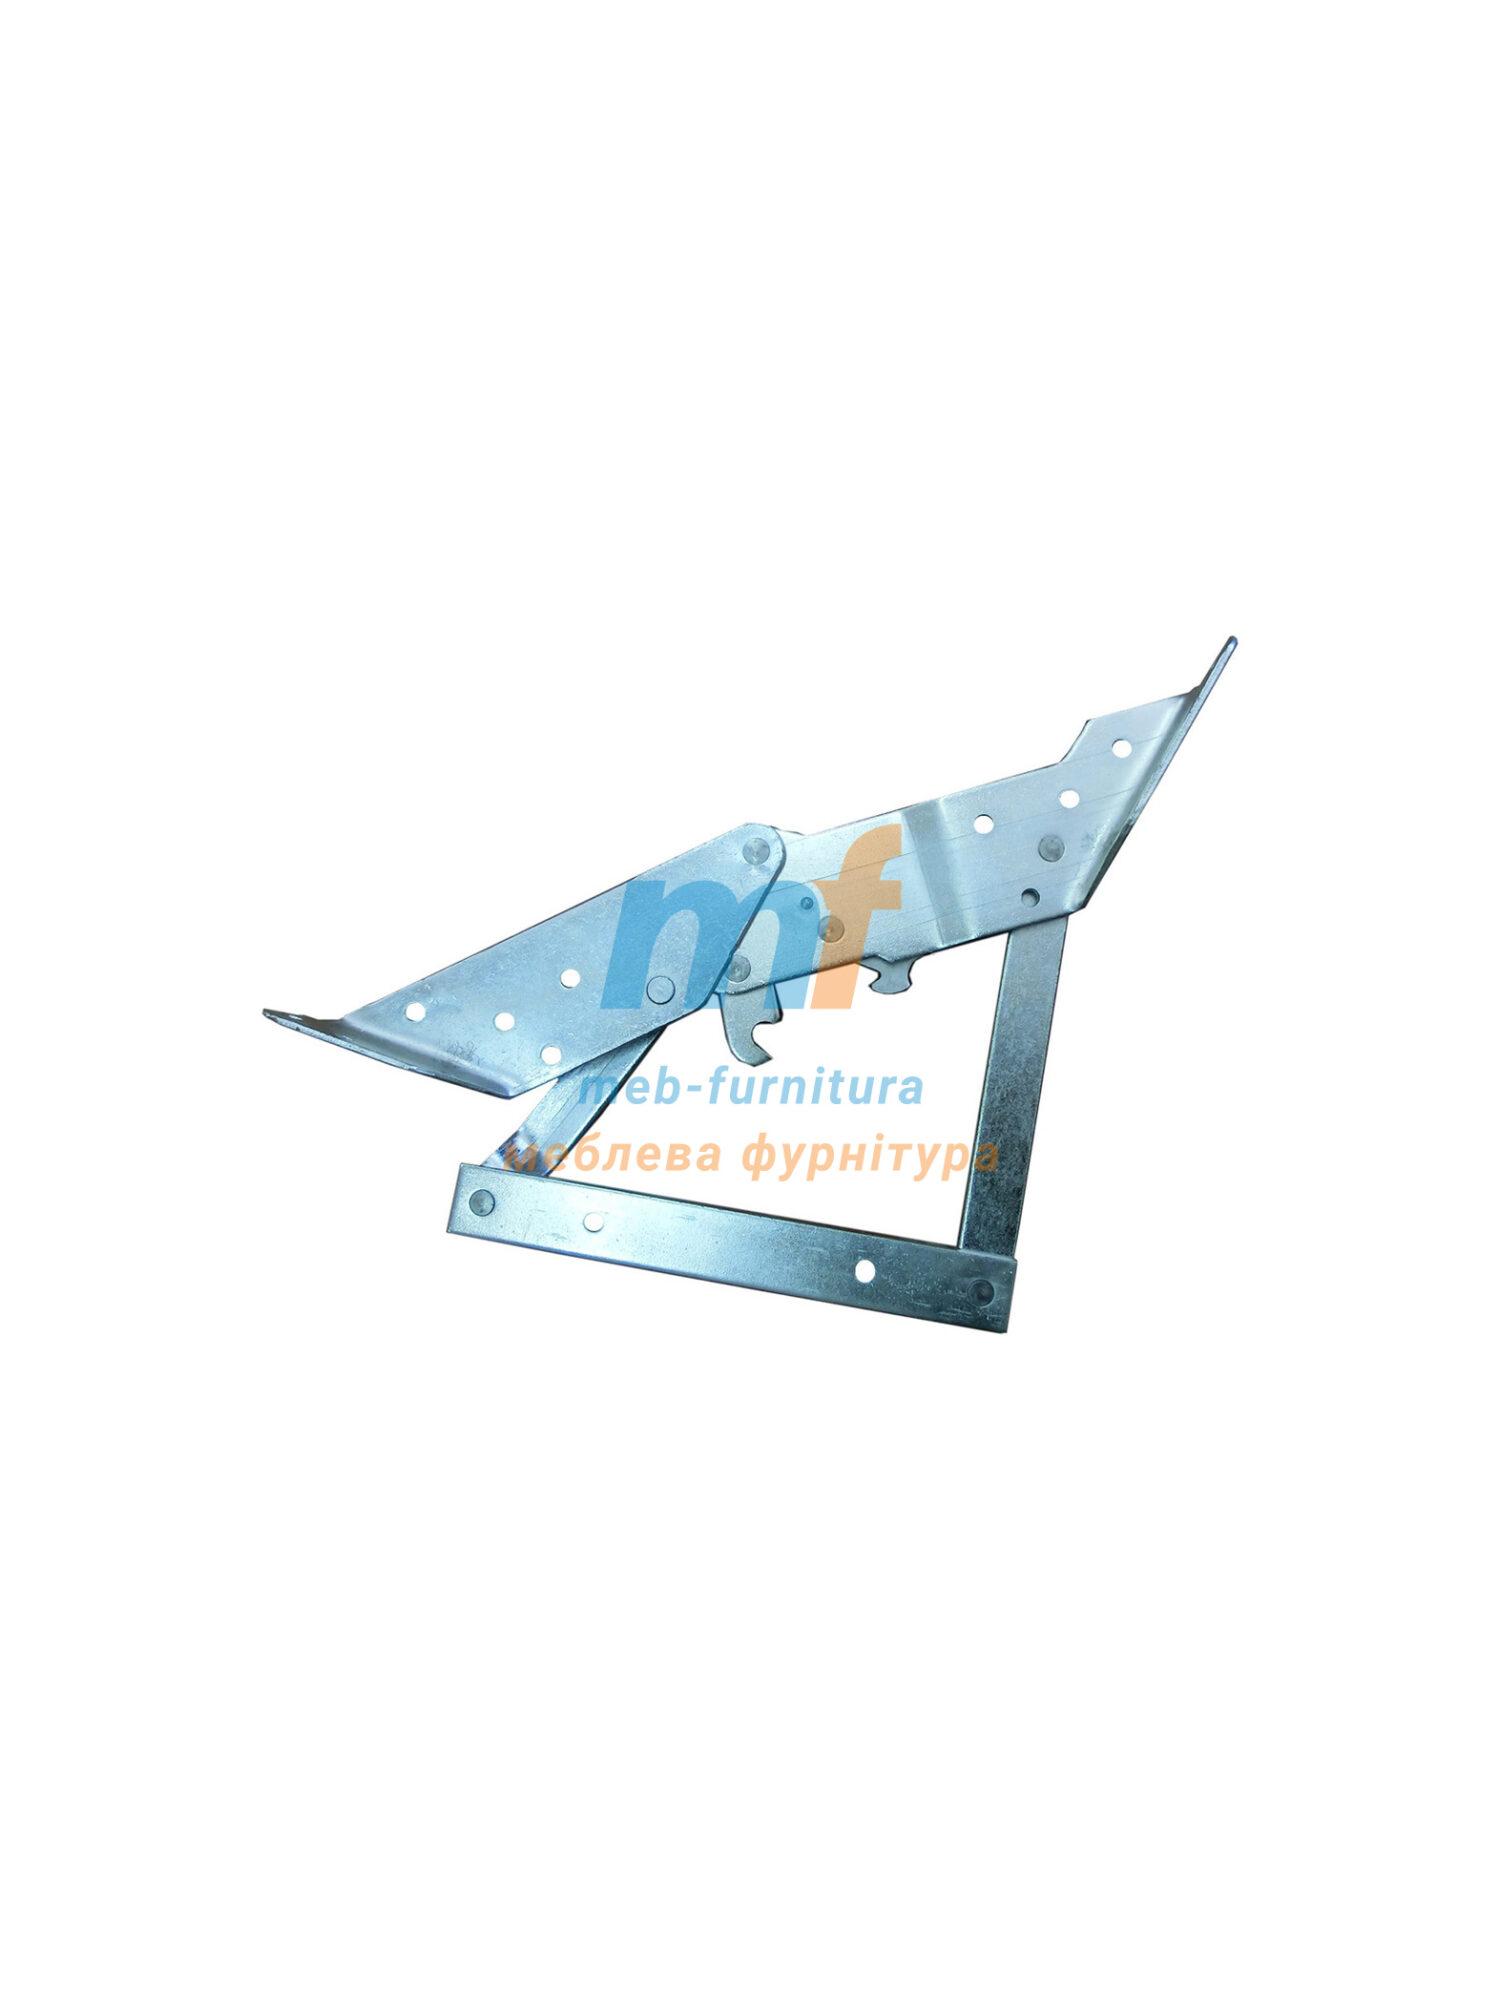 Механизм трансформации диван-книжка двухрычажная оцинкованая (комплект)